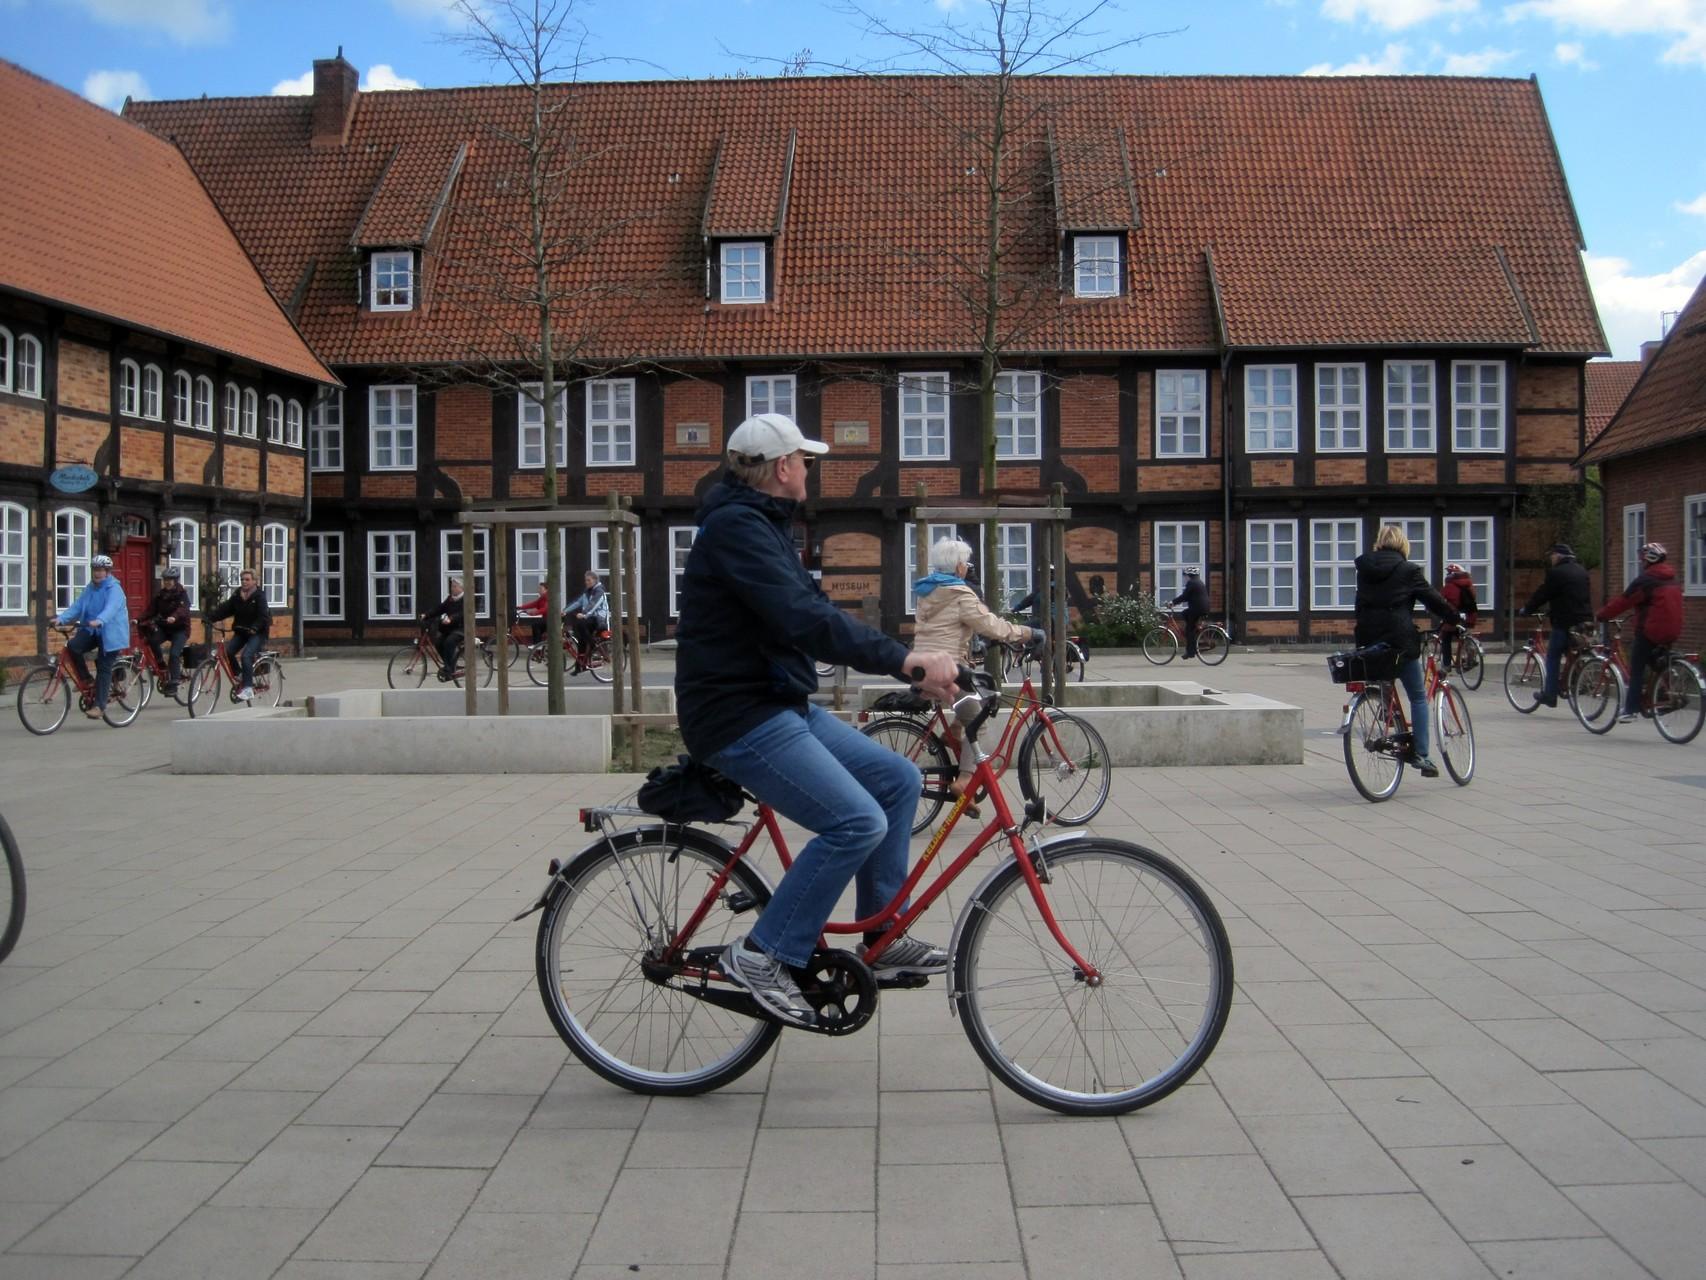 Fahrradrunde vor dem Fresenhof in Nienburg